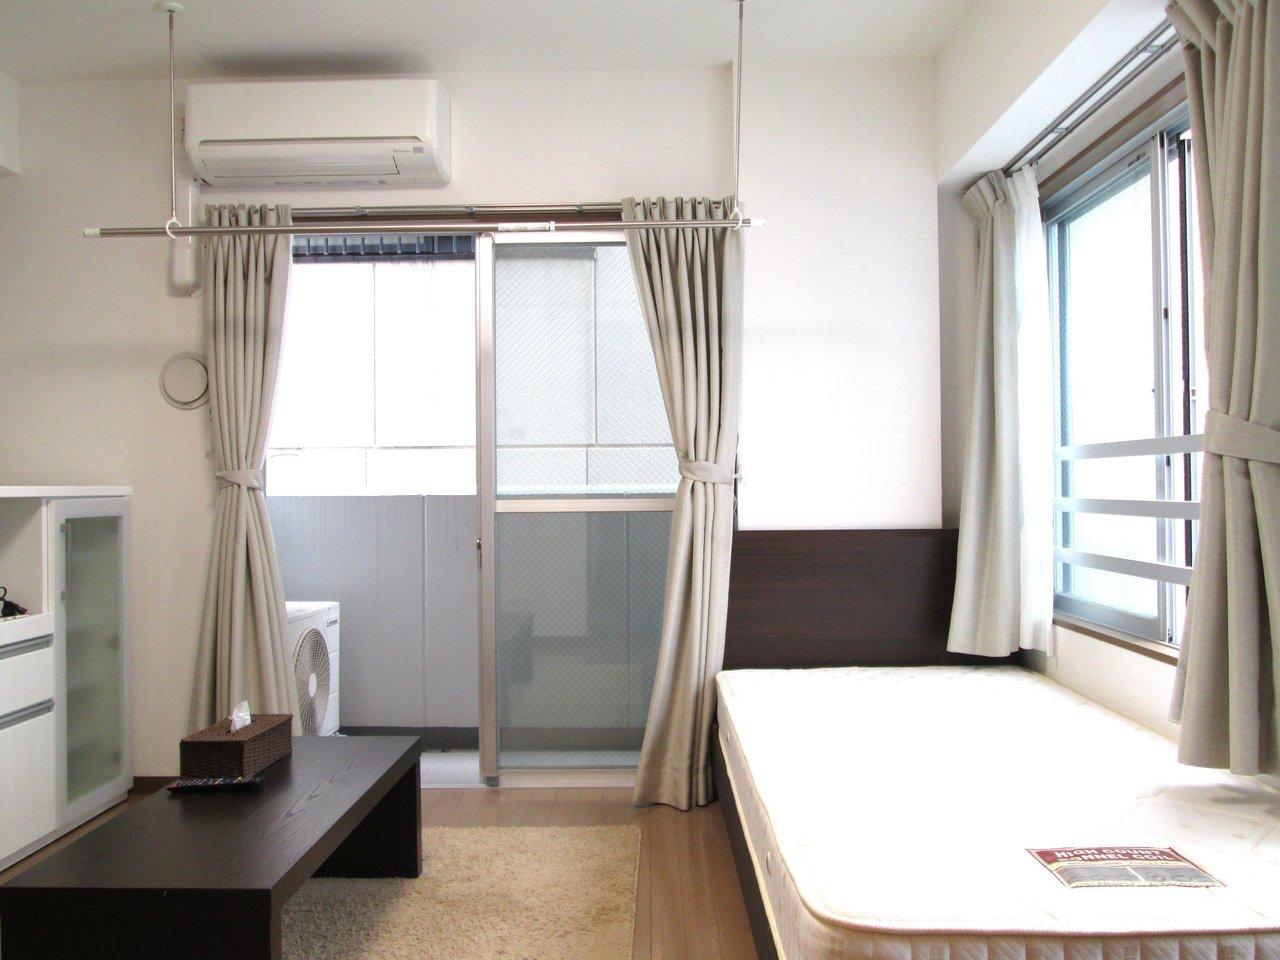 両国駅から徒歩4分。大江戸線、中央総武線の走る両国駅はどこへ行くにも便利な立地。ここに7畳1Kの家具家電付き賃貸がありました。